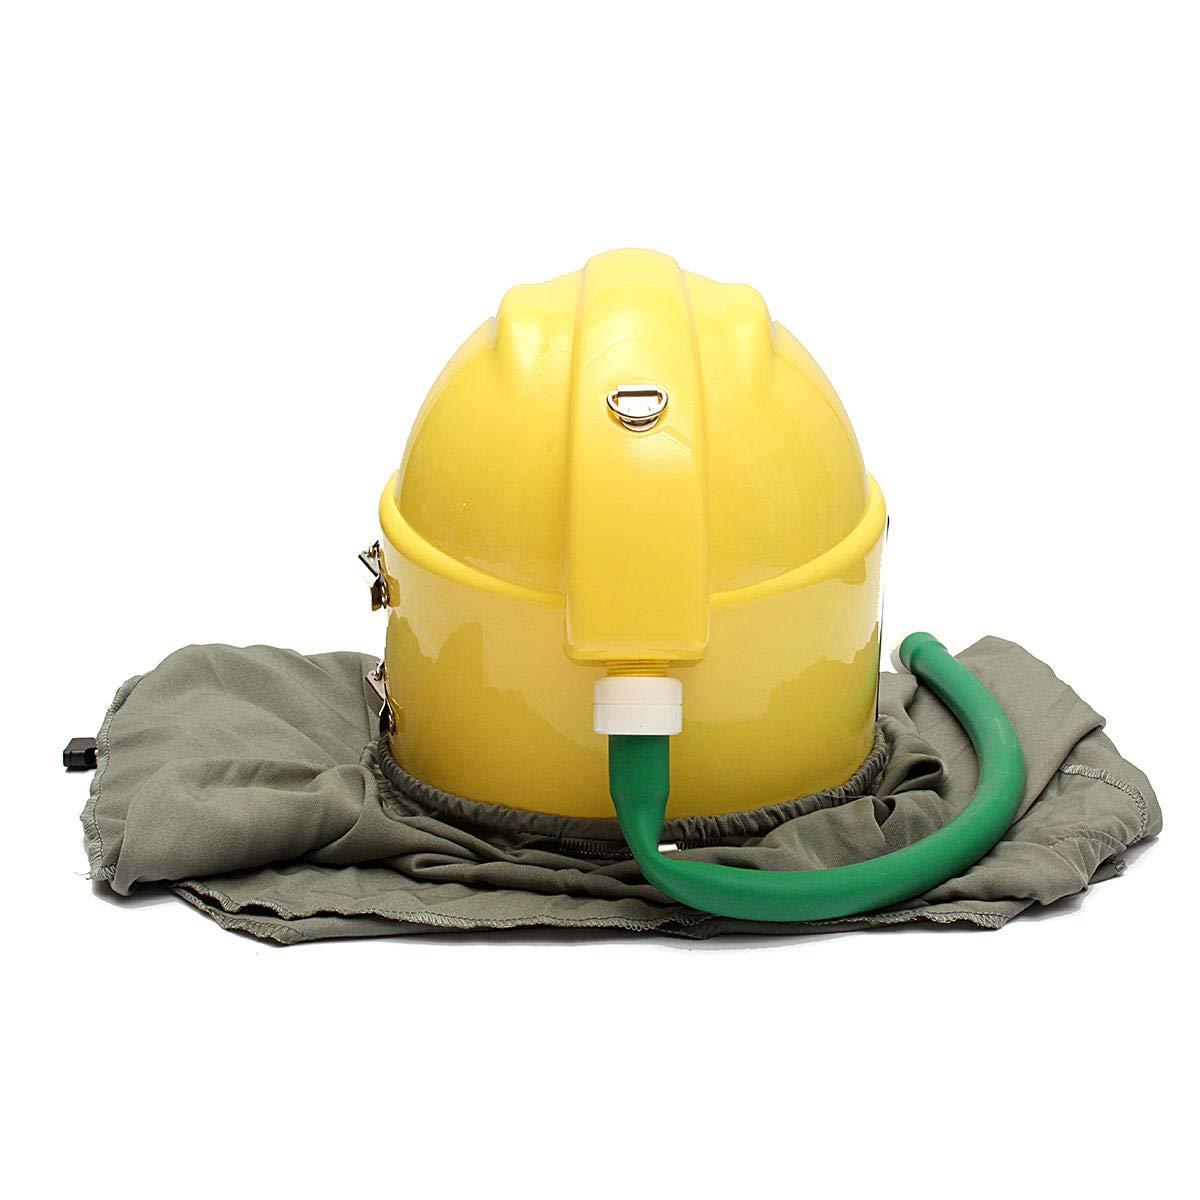 AIR FED Safety Sandblast Helmet Sand Blast Hood Protector for Sandblasting by Anddoa (Image #4)